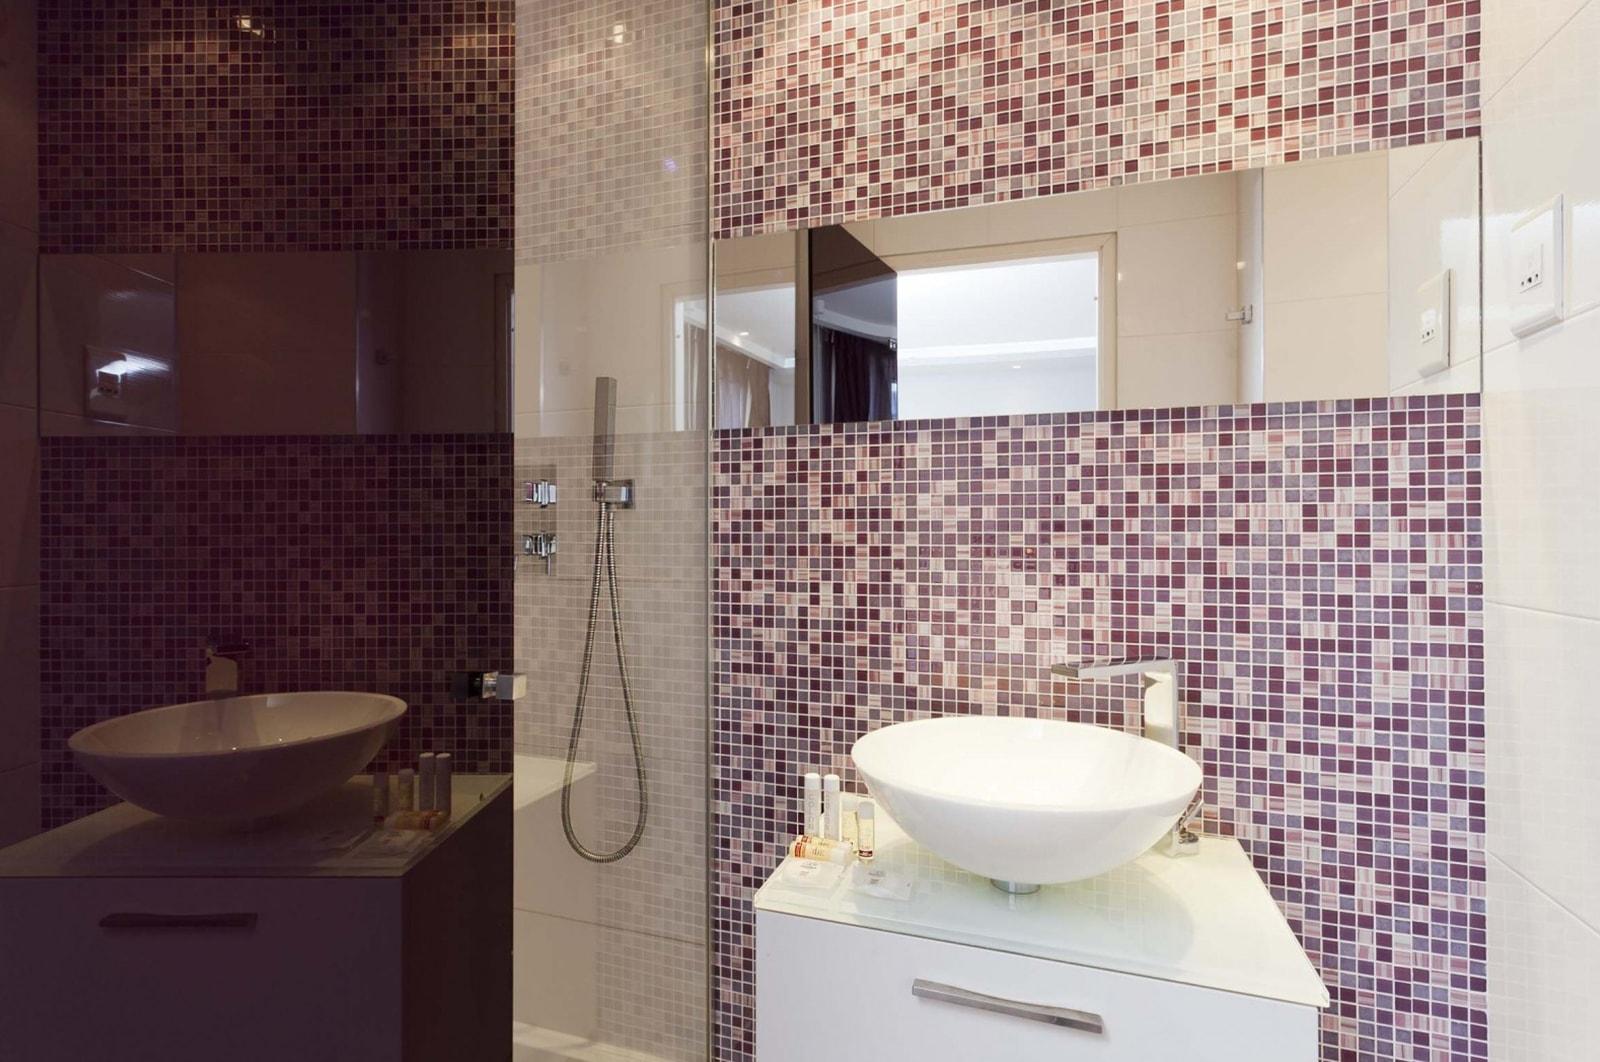 gallery - color design hotel - paris - gare de lyon - bastille